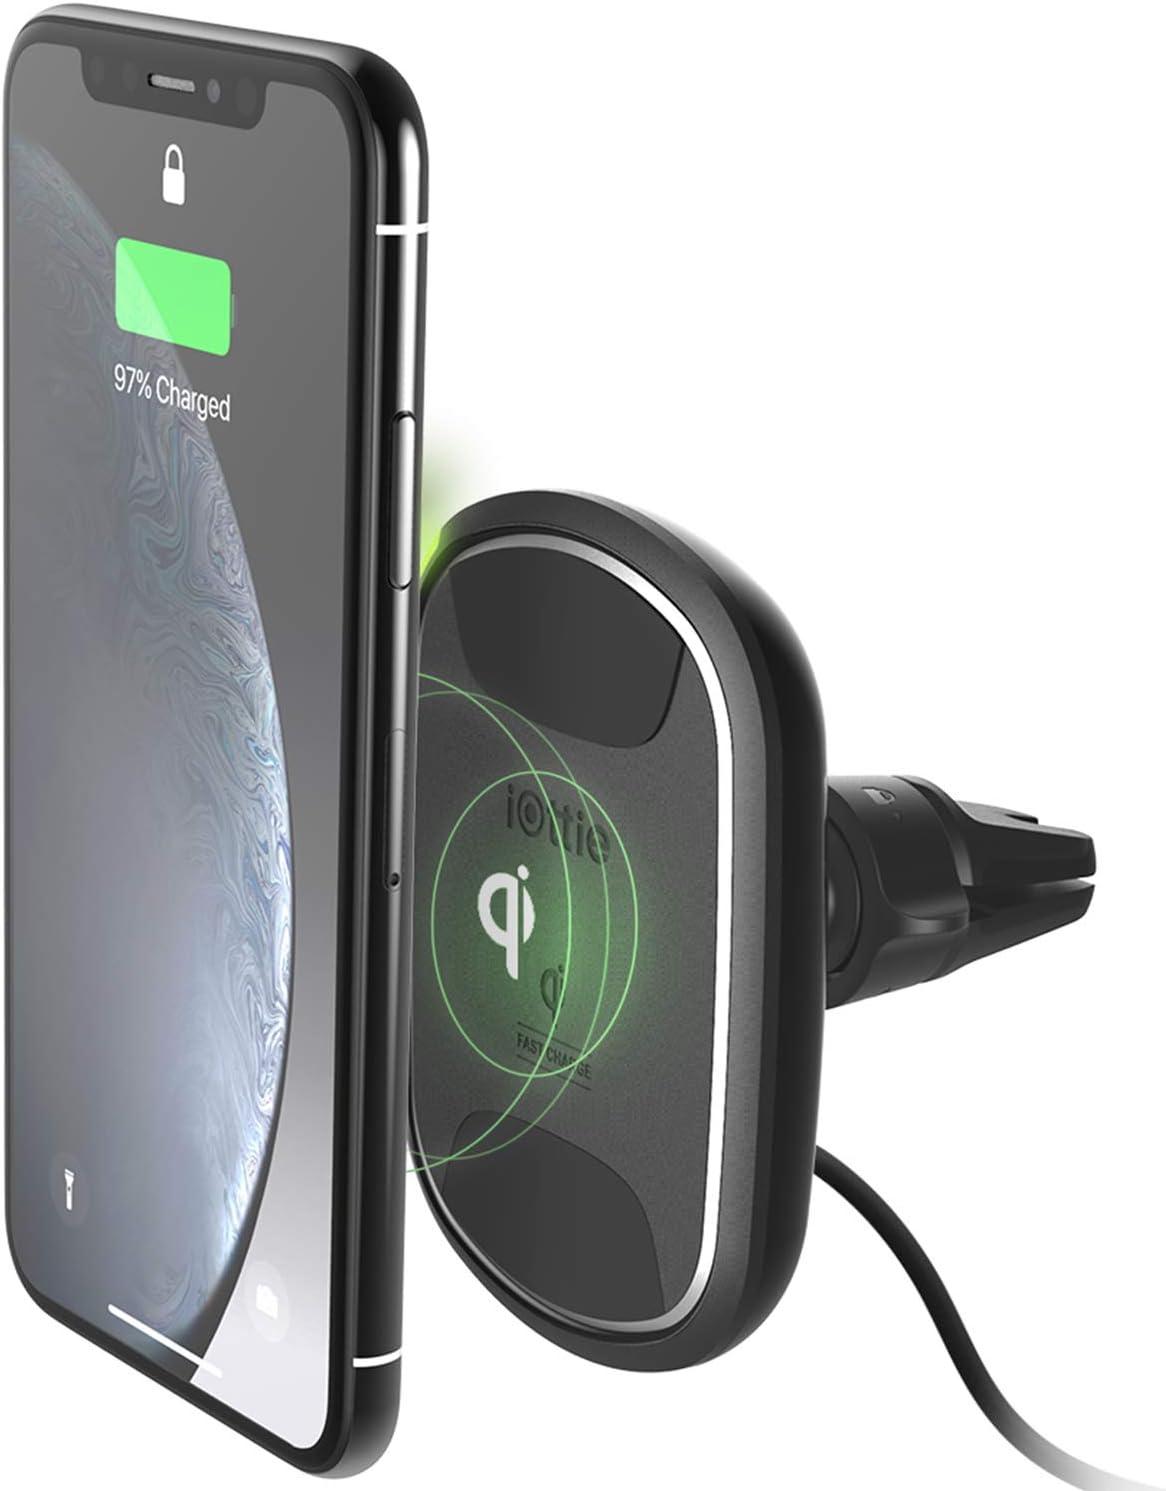 5. Best Wireless Charging Phone Mount: iOttie iTap 2